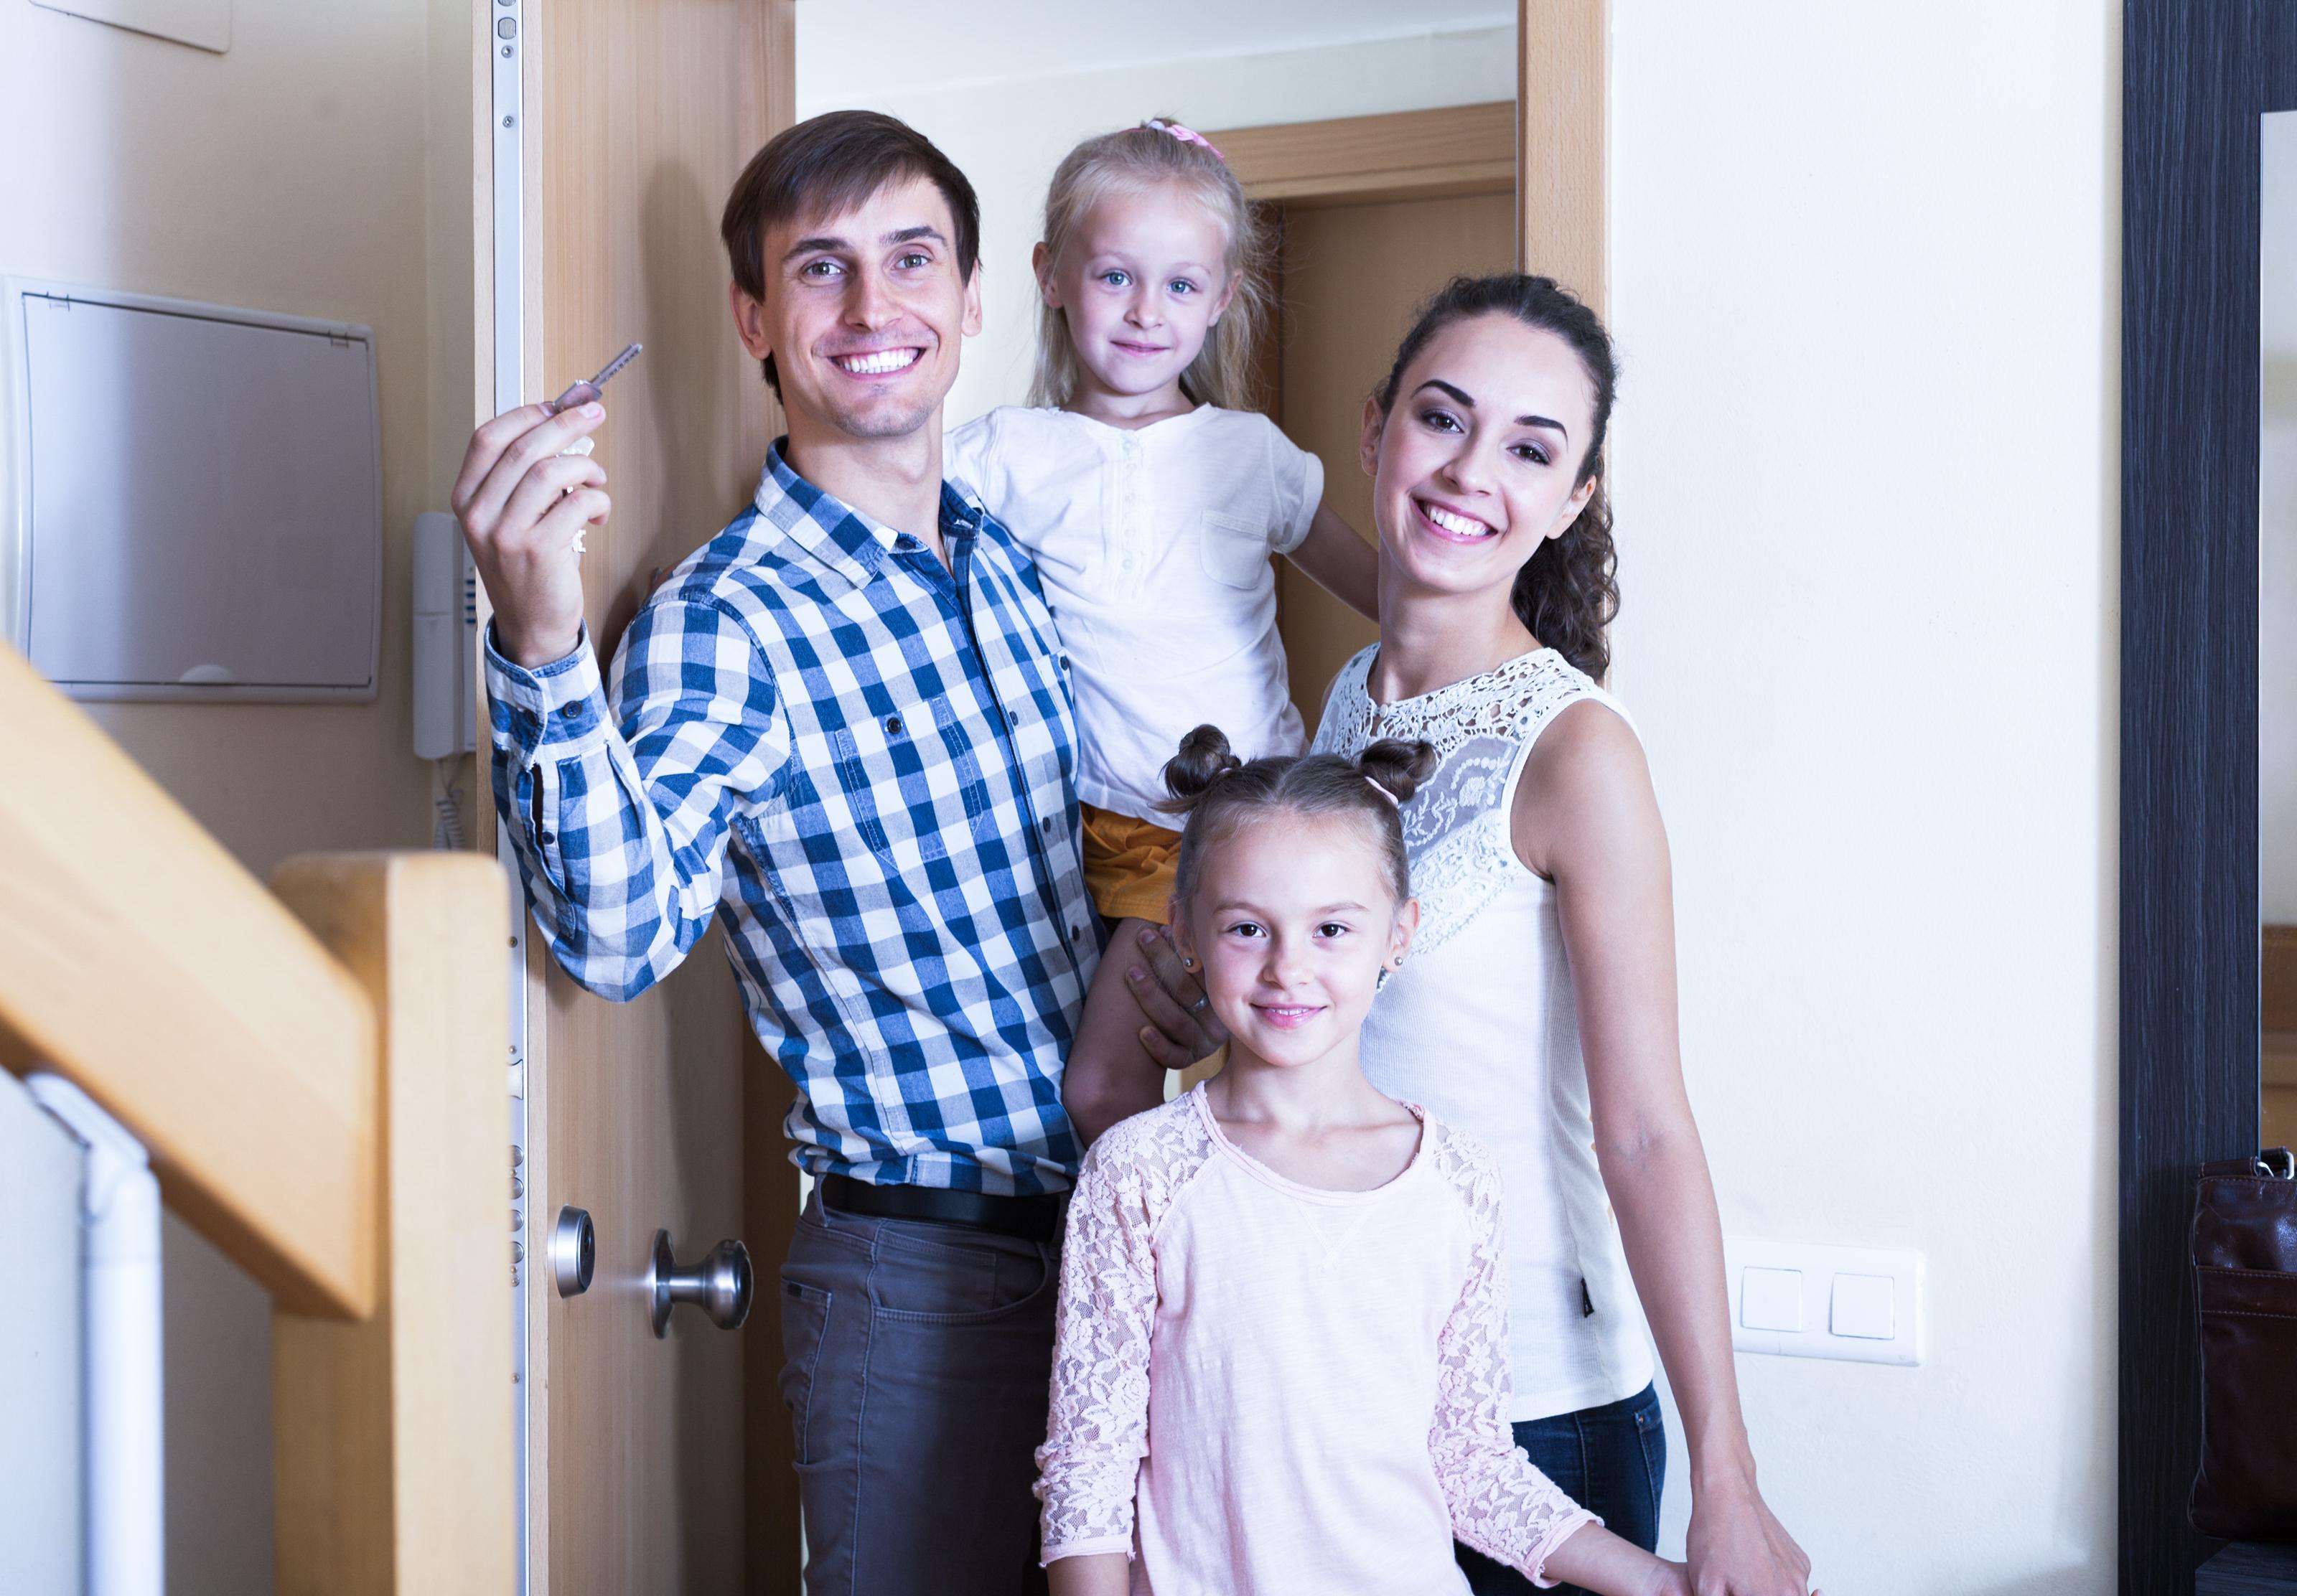 Минстрой России планирует обеспечить жилищными сертификатами более 5600 семей льготных категорий граждан